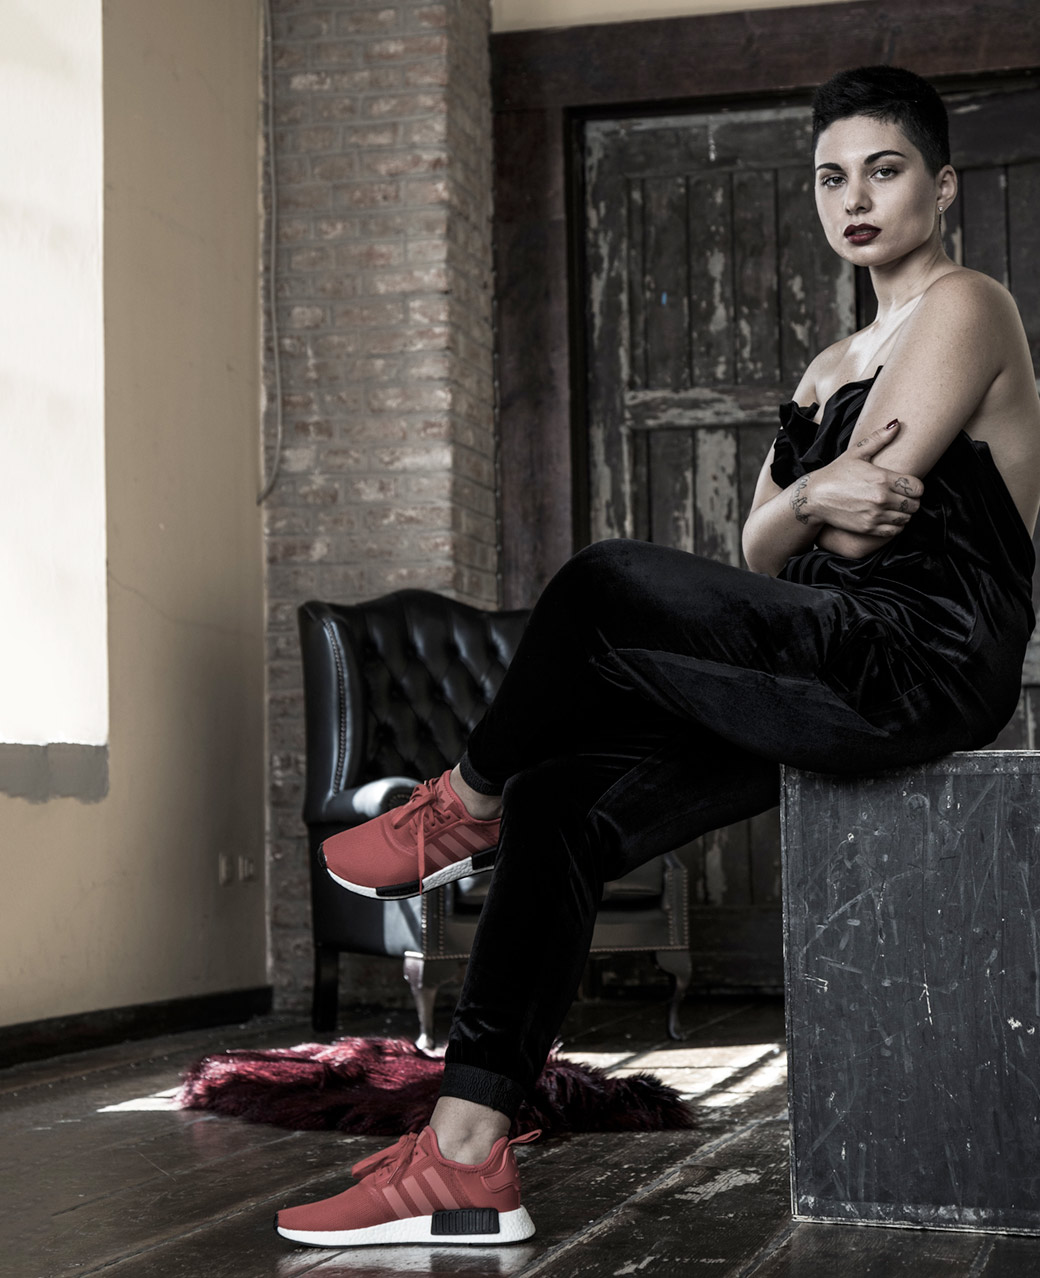 Foto Paolo Leone - Style Pina Gandolfi